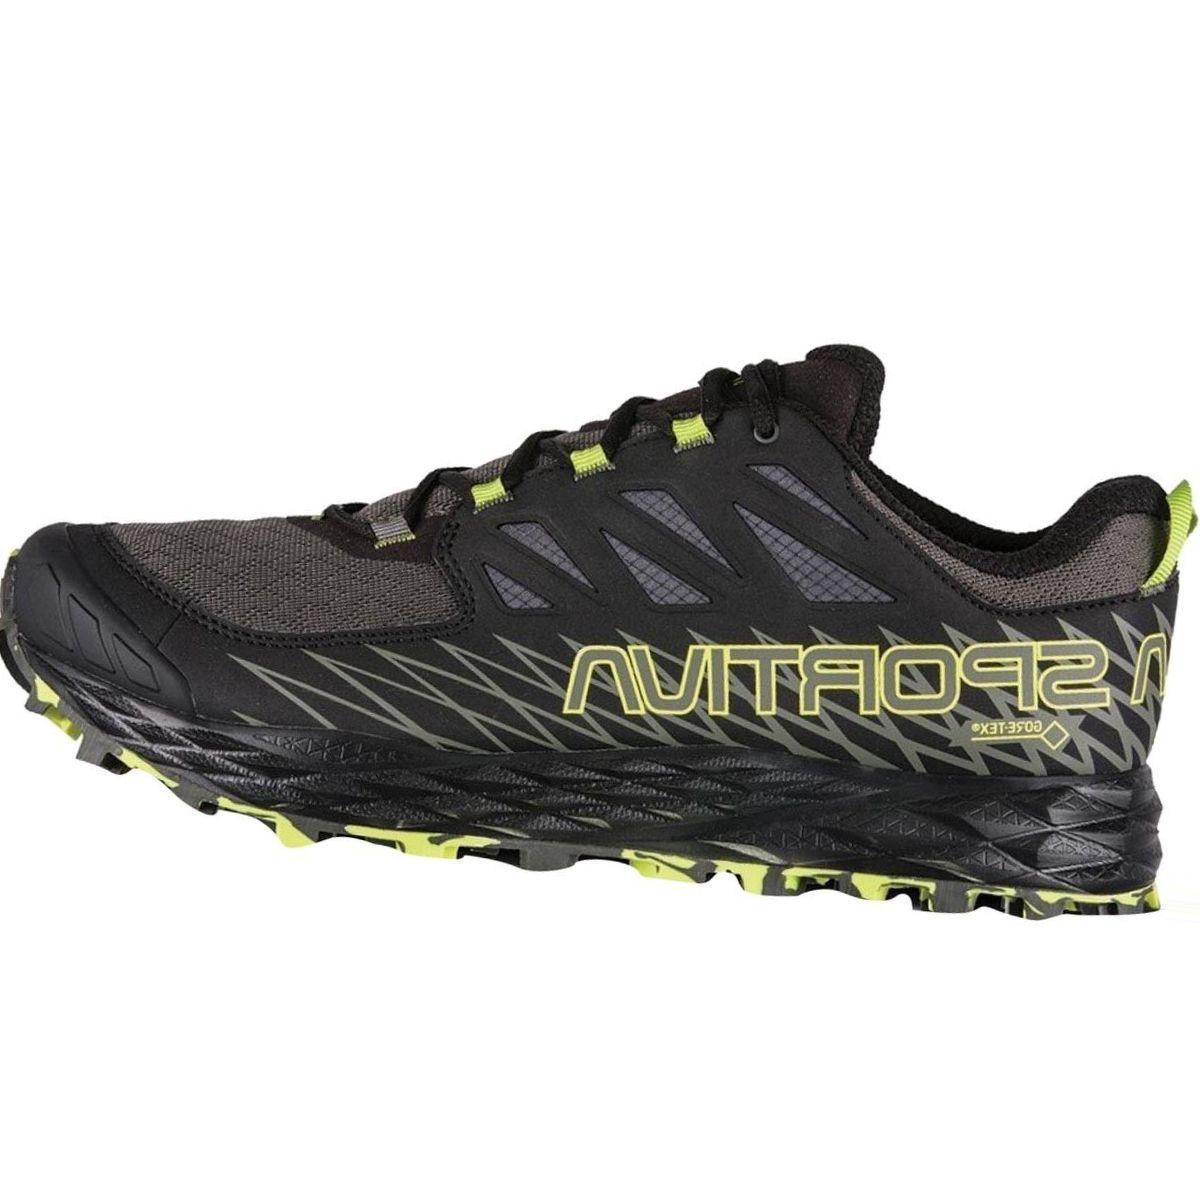 La Sportiva Lycan GTX Trail Running Shoe - Men's